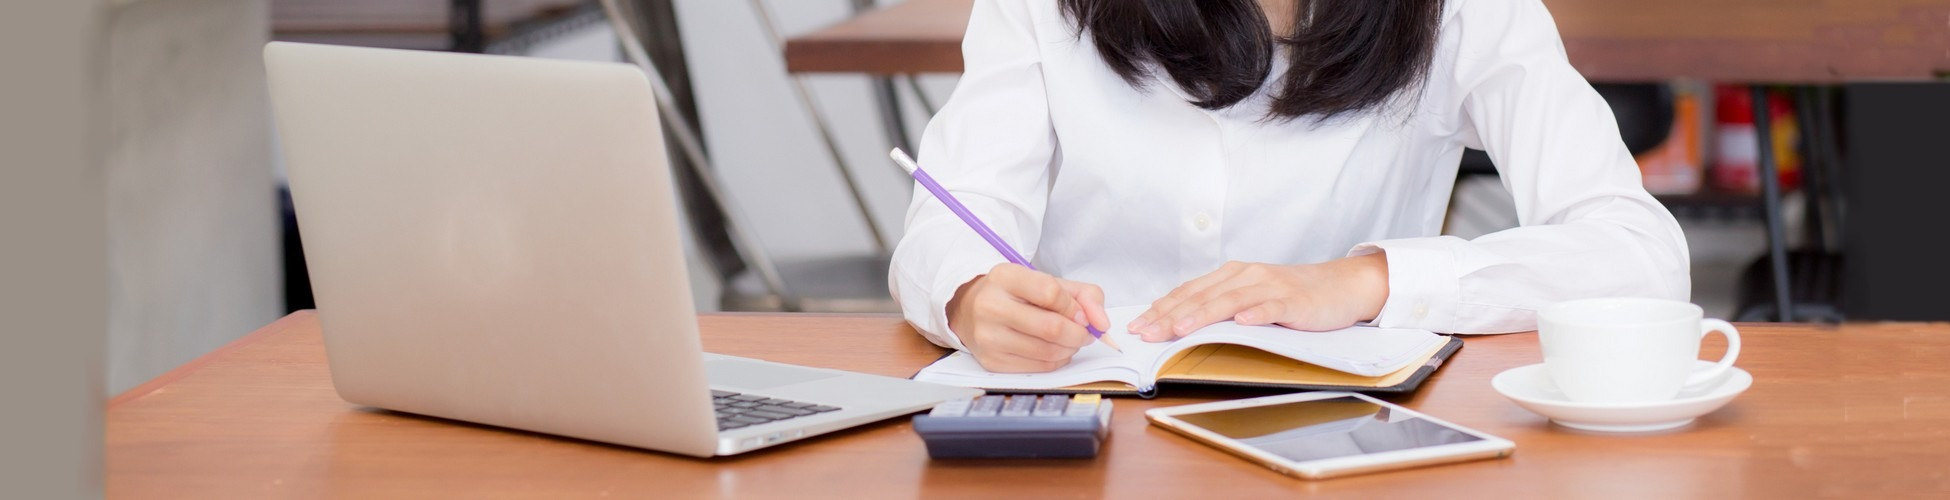 slider femme qui suit ses comptes en ligne et profite des bons plans de crédit et de placement